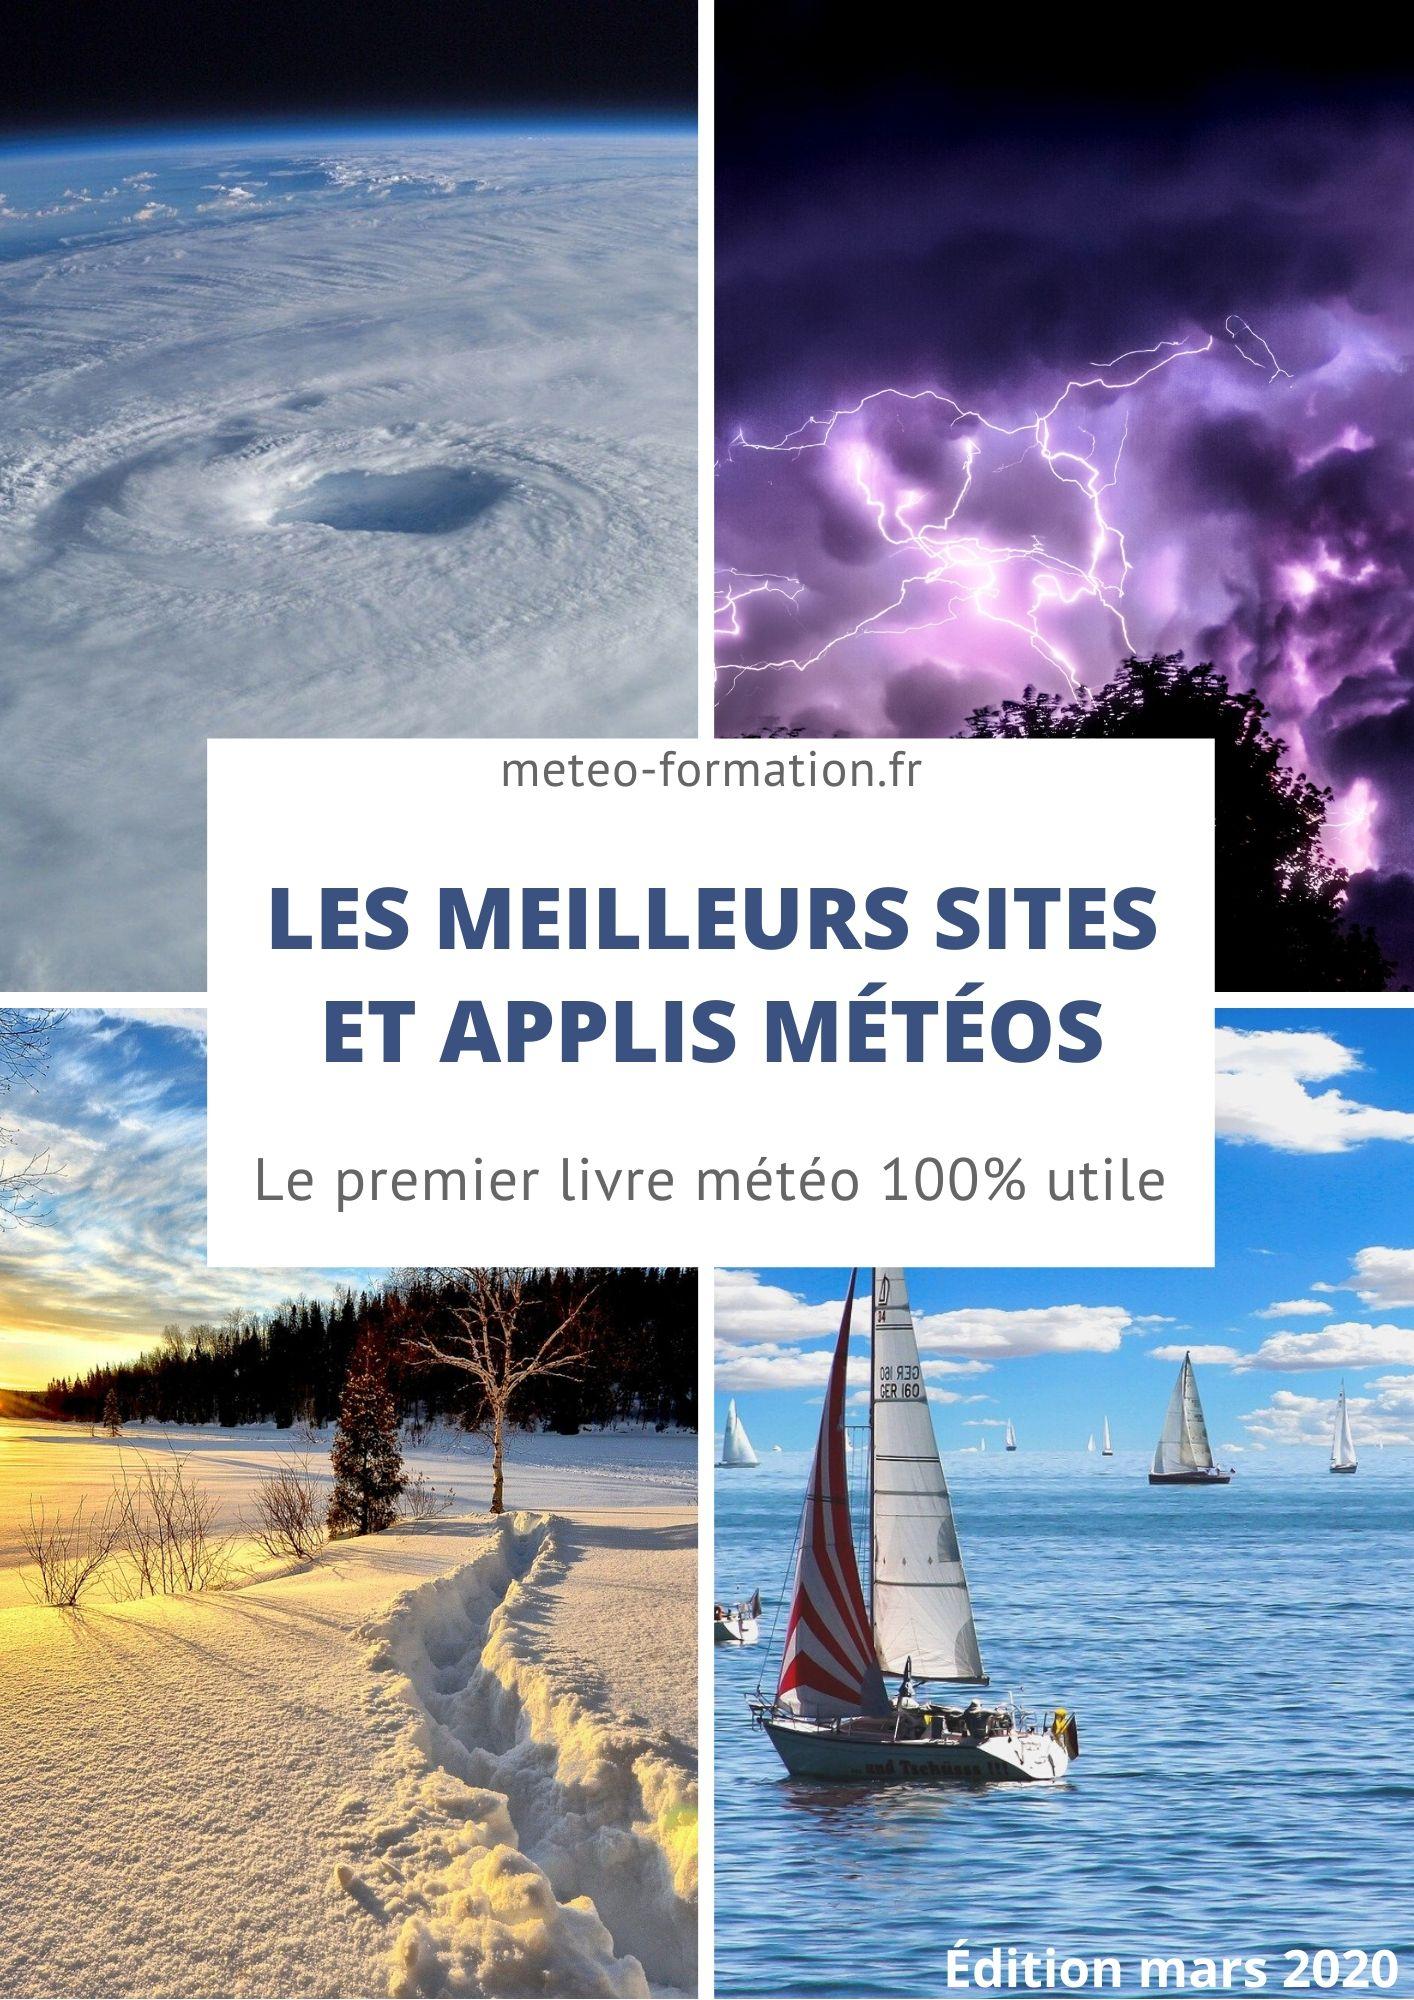 le livre météo sur les meilleurs sites et applis météos